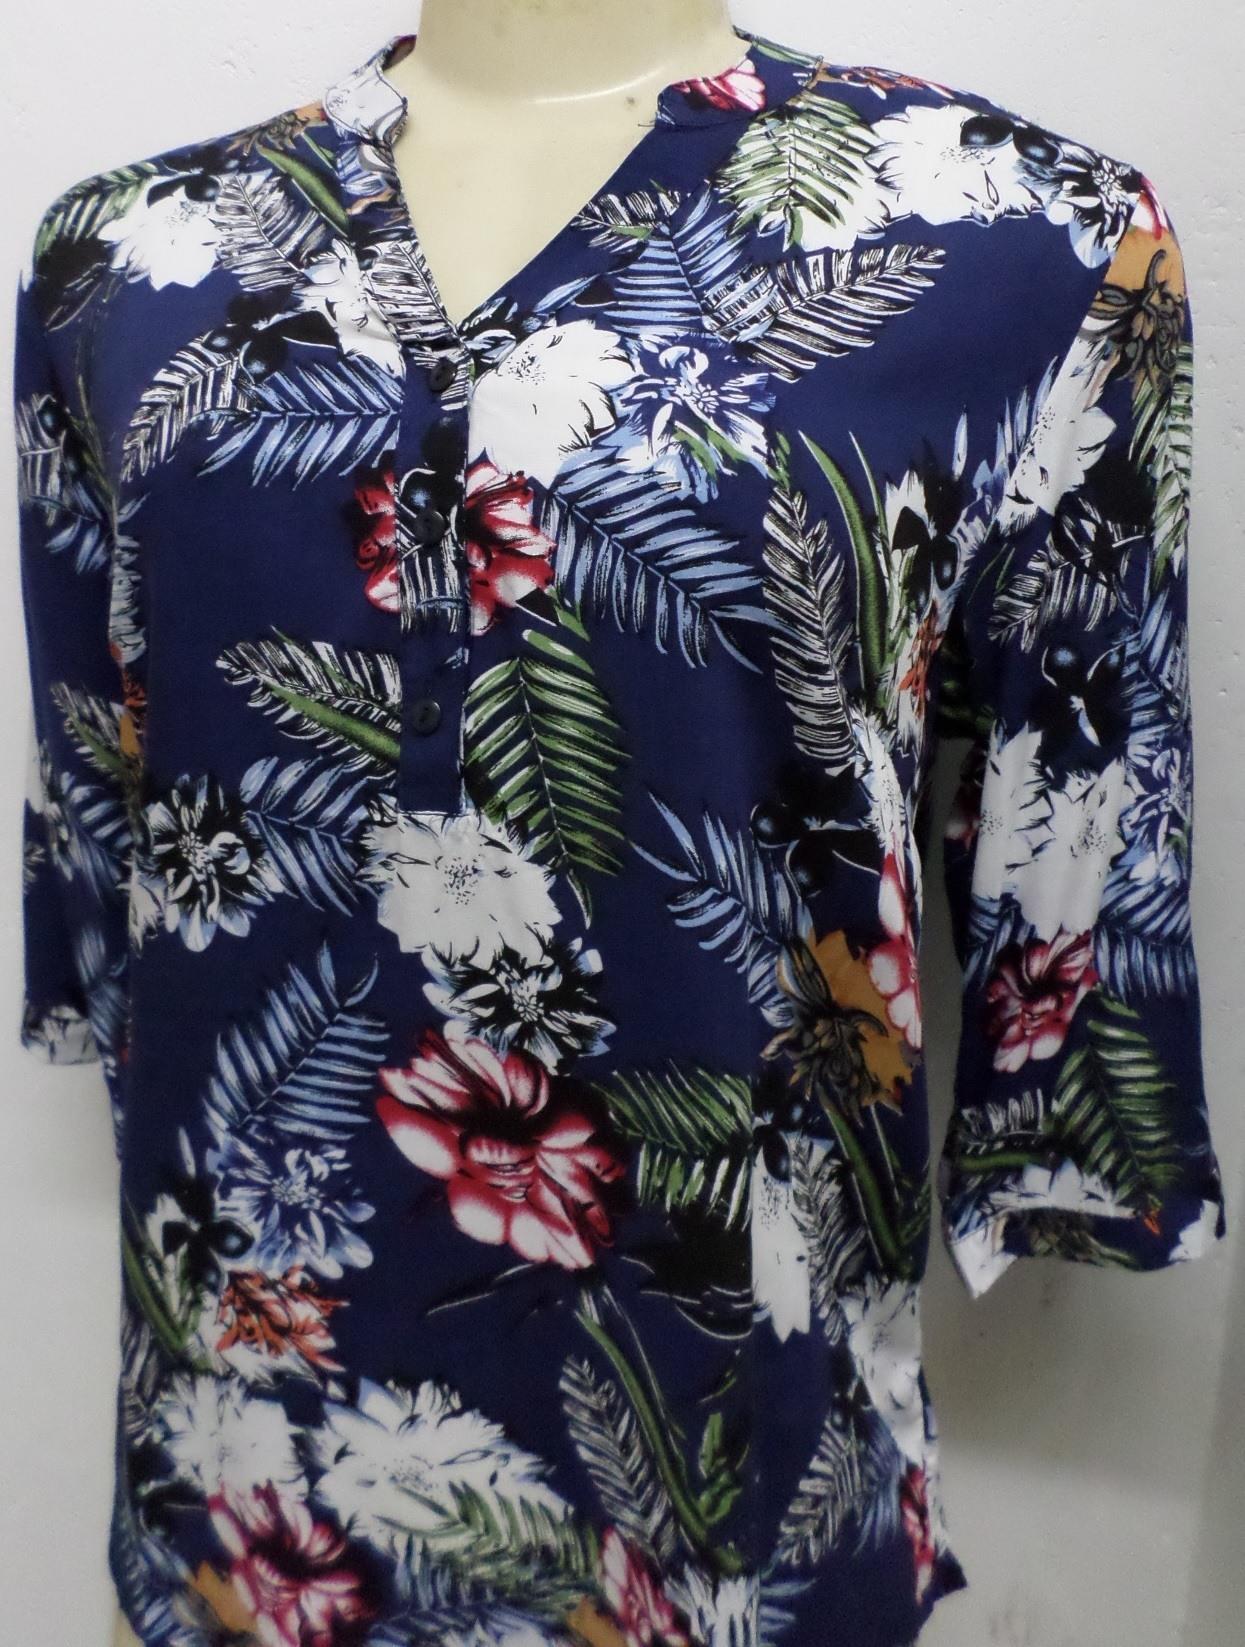 Blusa Feminina Estampa Florida - R$34,99(P M G) R$39,99(GG) - [PINK139]